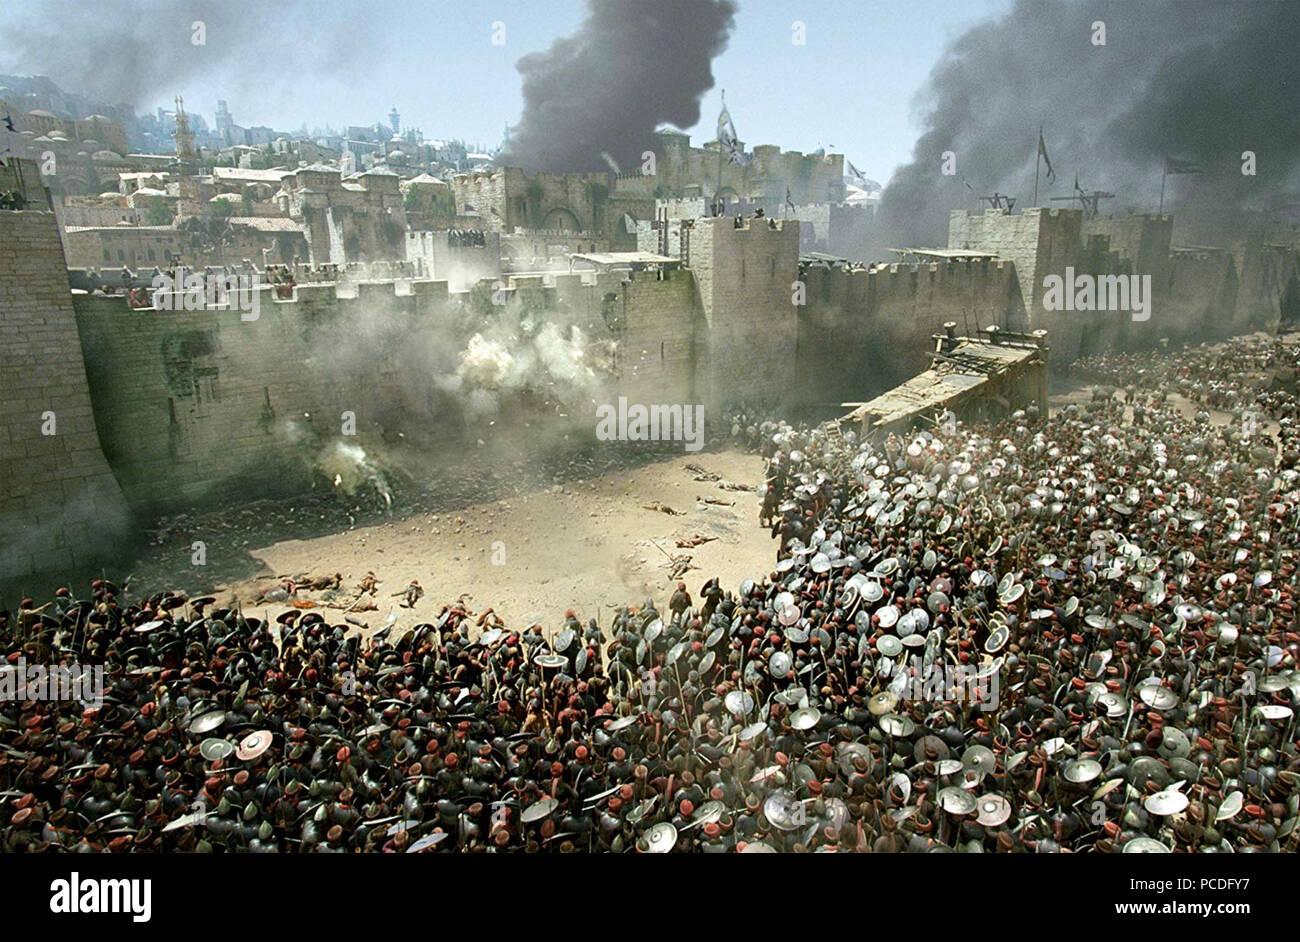 El Reino de los cielos 2005 20th Century Fox Film Imagen De Stock